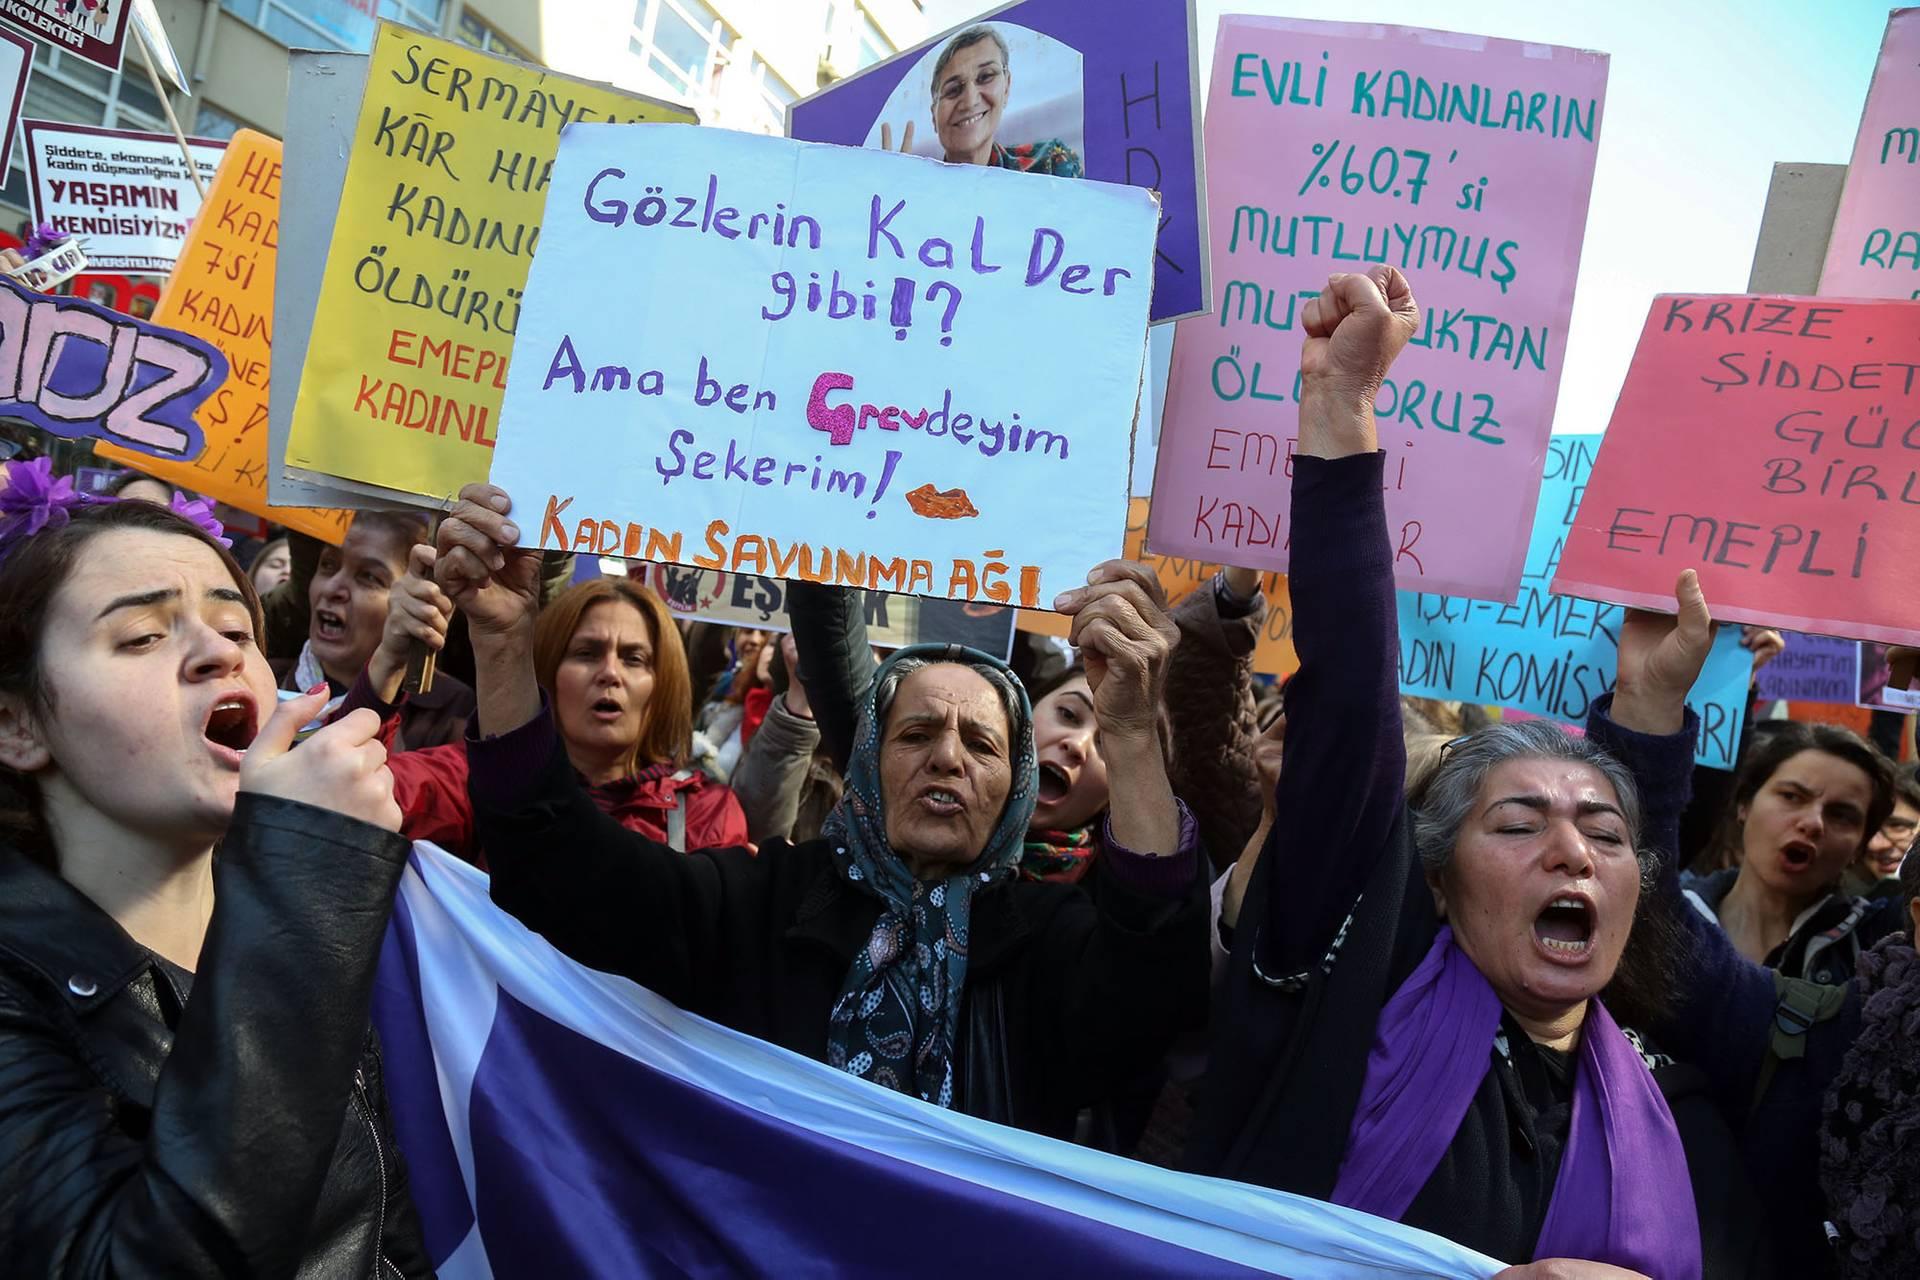 Жінки викрикують гасла під час акції протесту з нагоди Міжнародного дня захисту прав жінок в Анкарі, Туреччина, 8 березня 2018 року